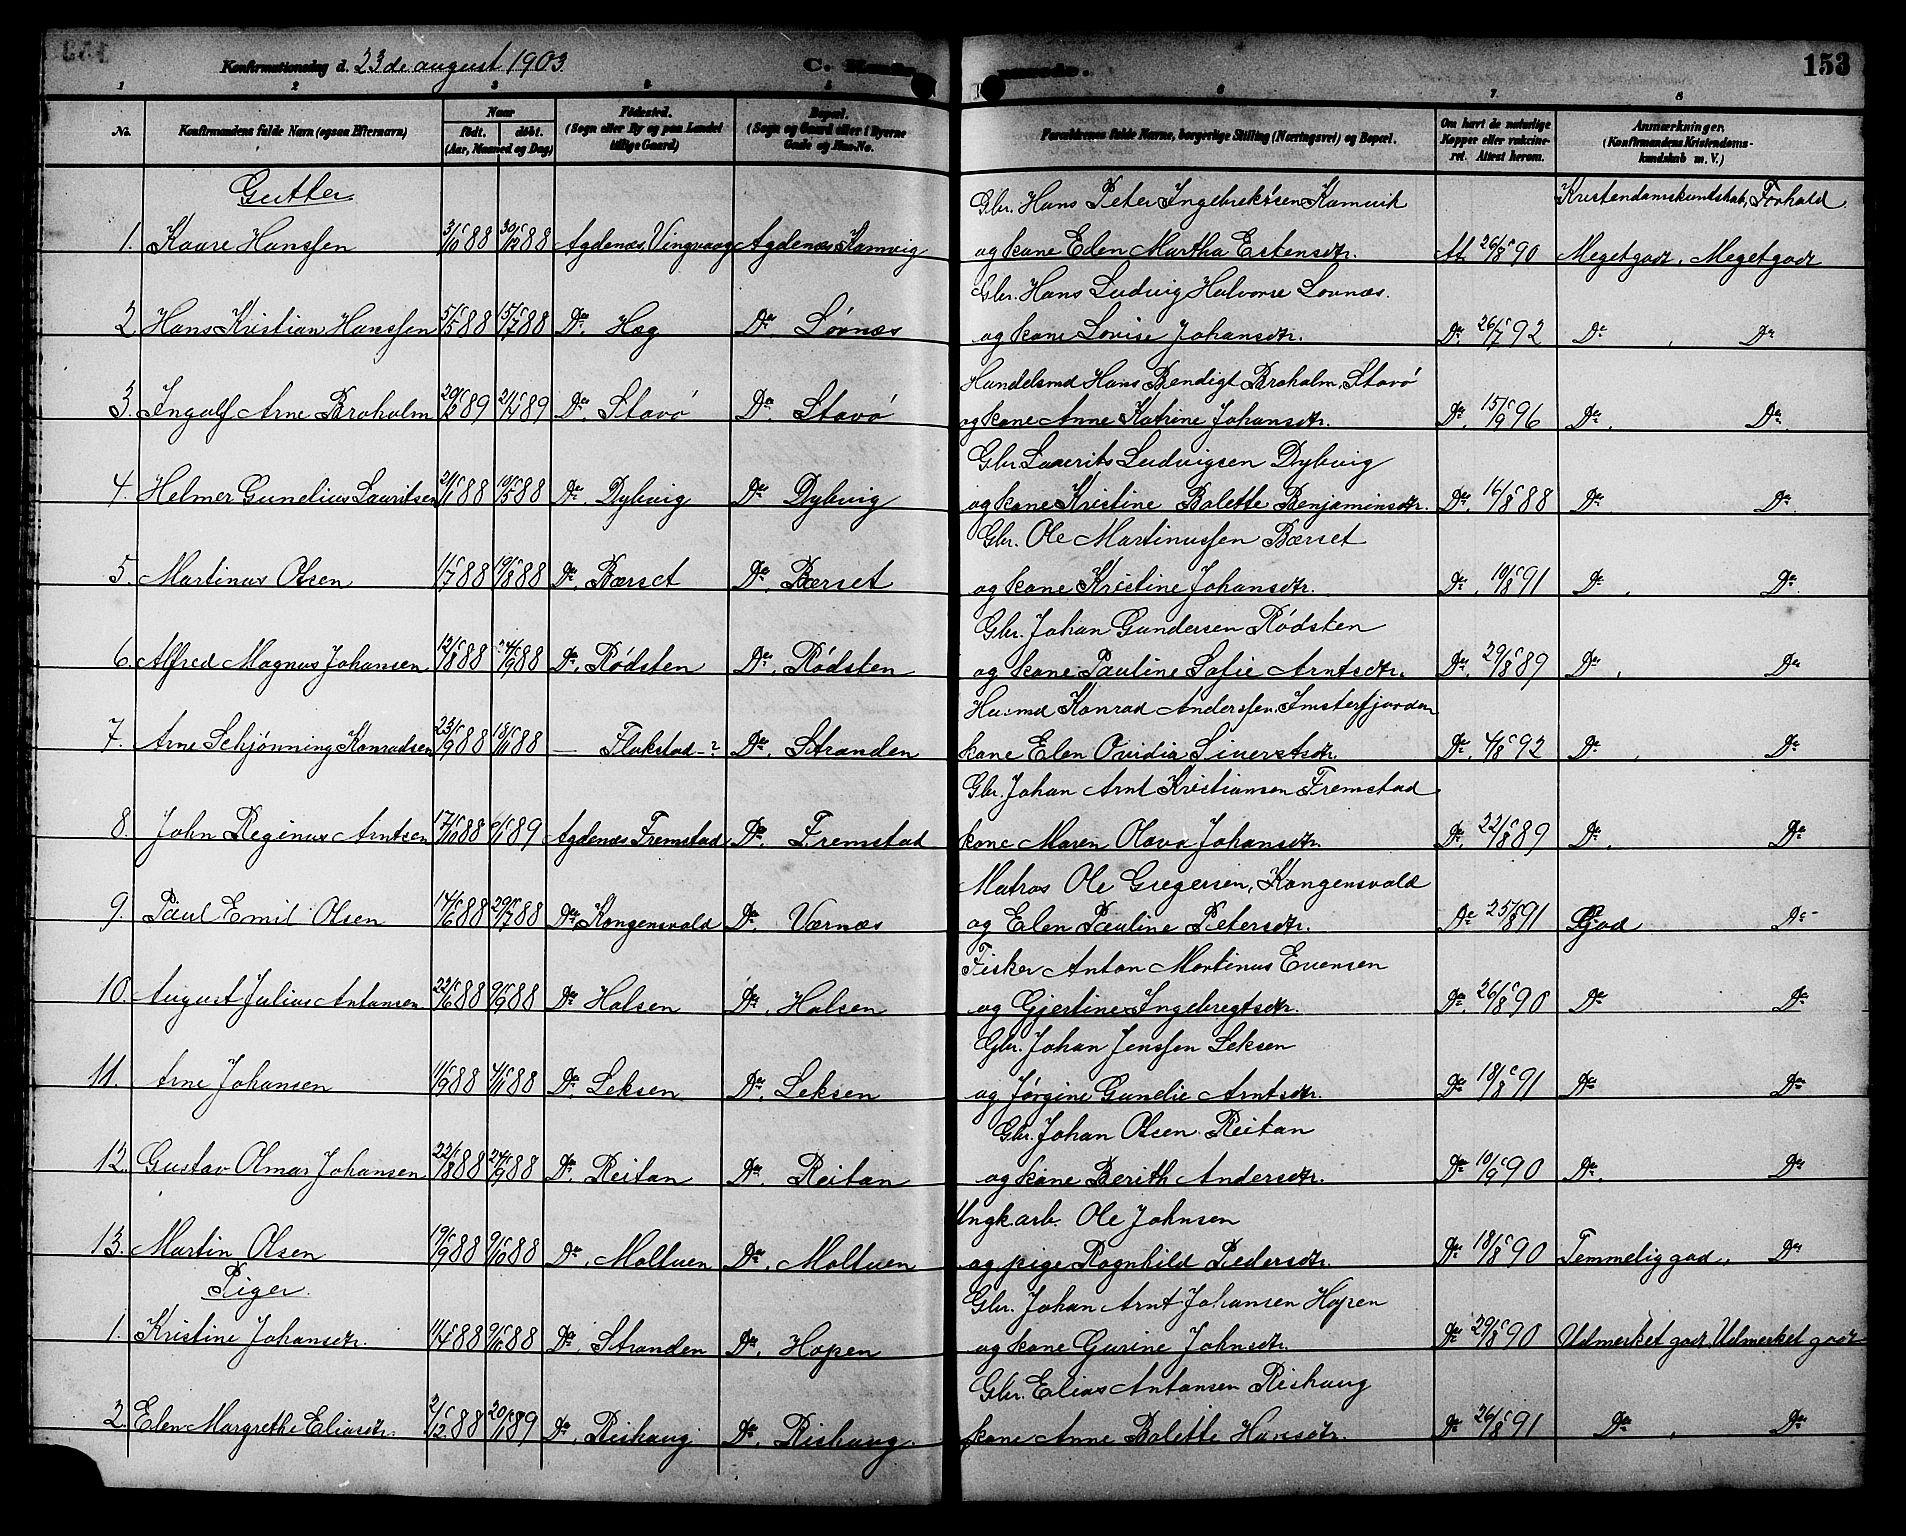 SAT, Ministerialprotokoller, klokkerbøker og fødselsregistre - Sør-Trøndelag, 662/L0757: Klokkerbok nr. 662C02, 1892-1918, s. 153